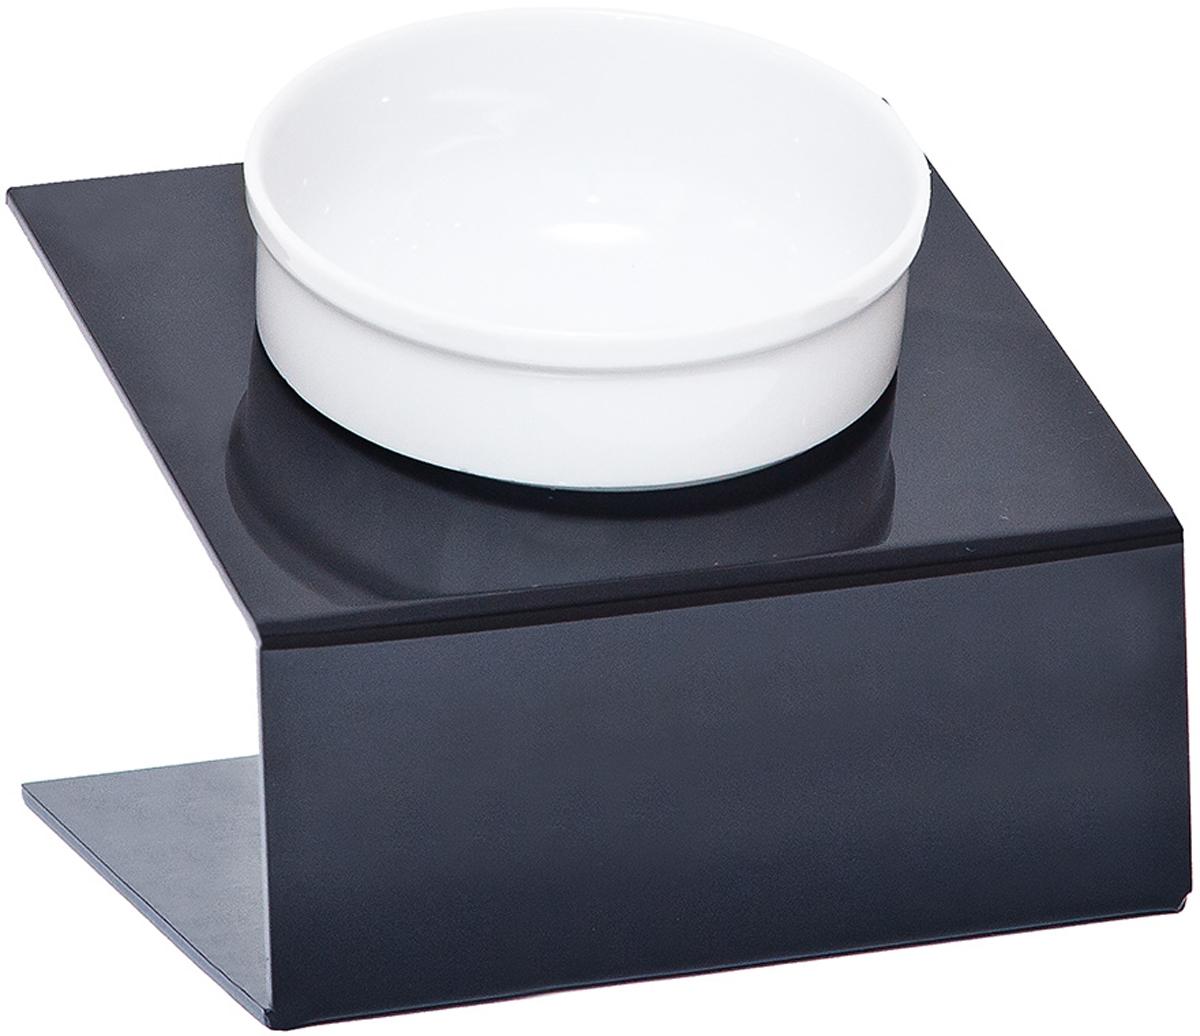 Миска для животных Artmiska, одинарная, на подставке, цвет: черный, 350 мл артмиска миска для животных artmiska кот и рыбы двойная на подставке кремовая 2 шт x 350 мл